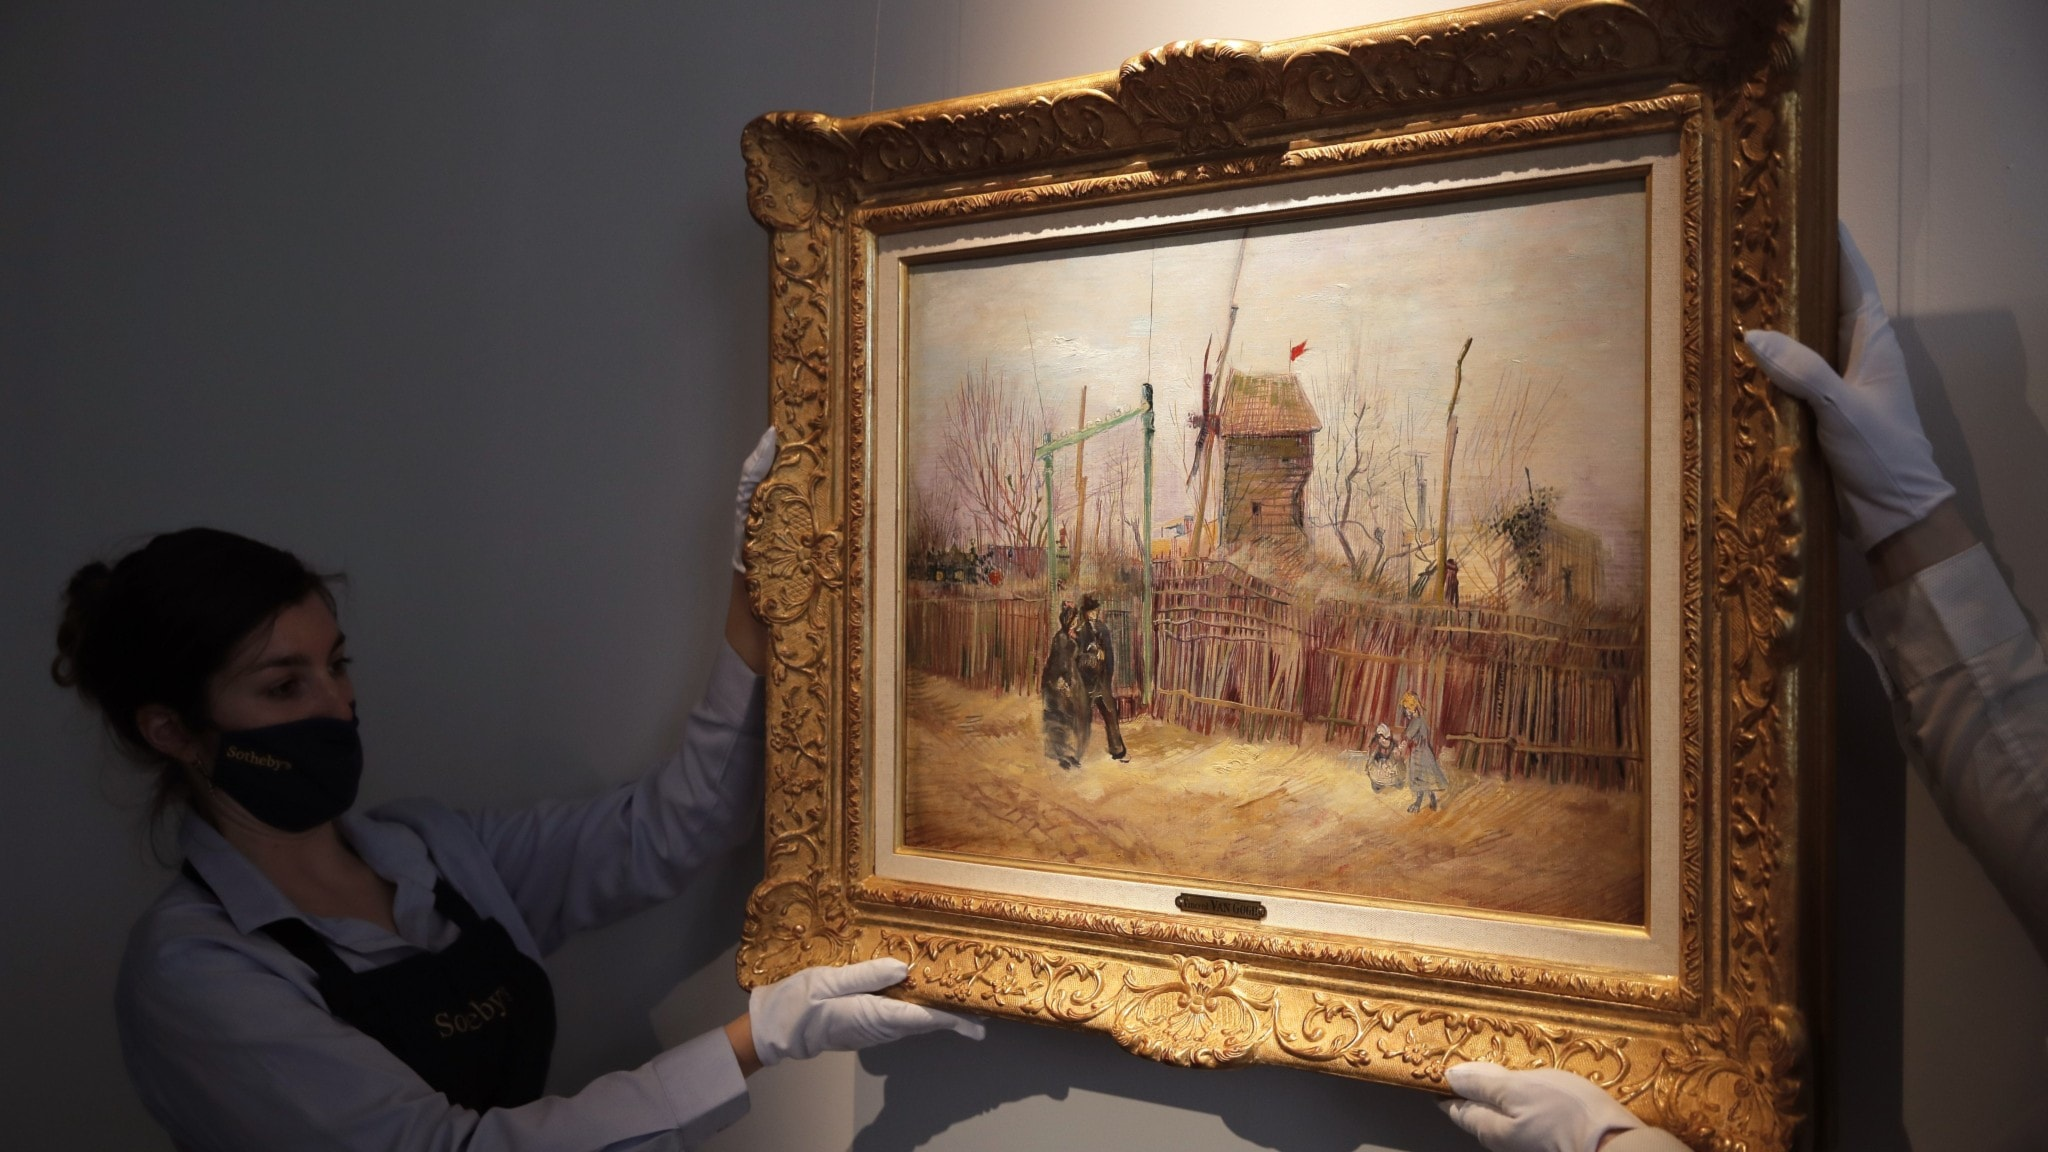 Okänd Van Gogh-målning såld för 130 miljoner